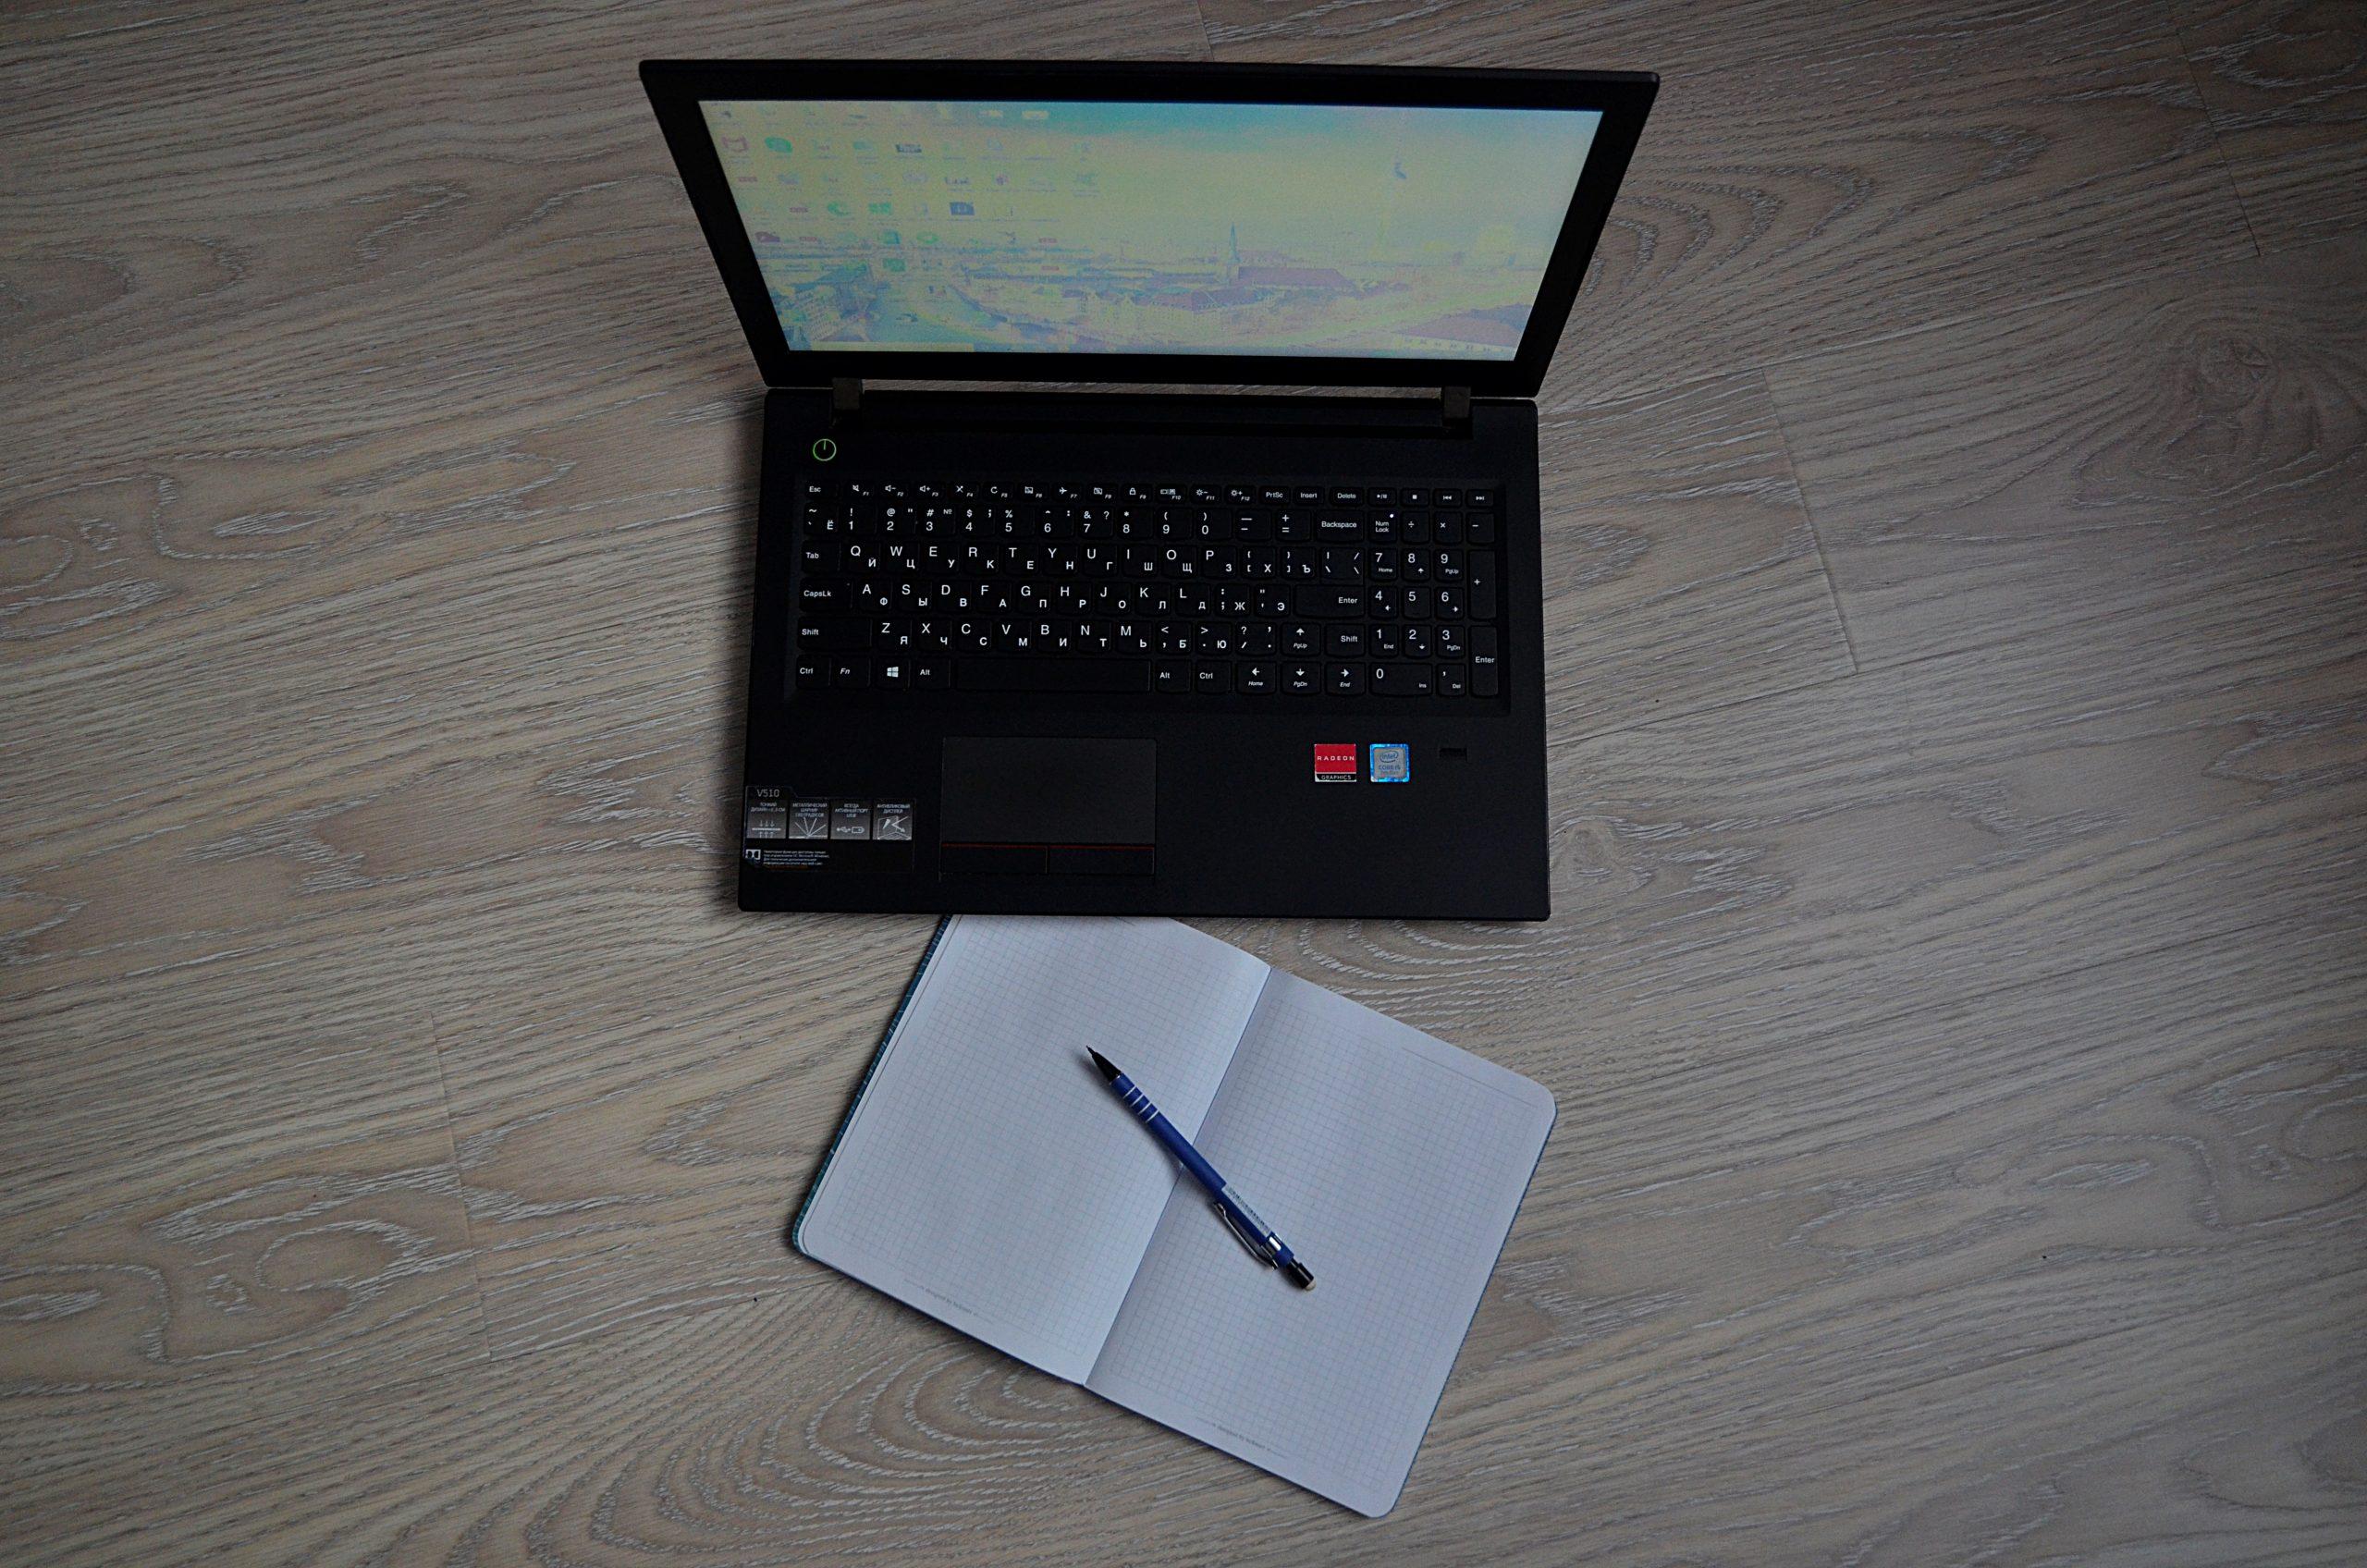 Онлайн-курс по поиску работы стартует в «Технограде»